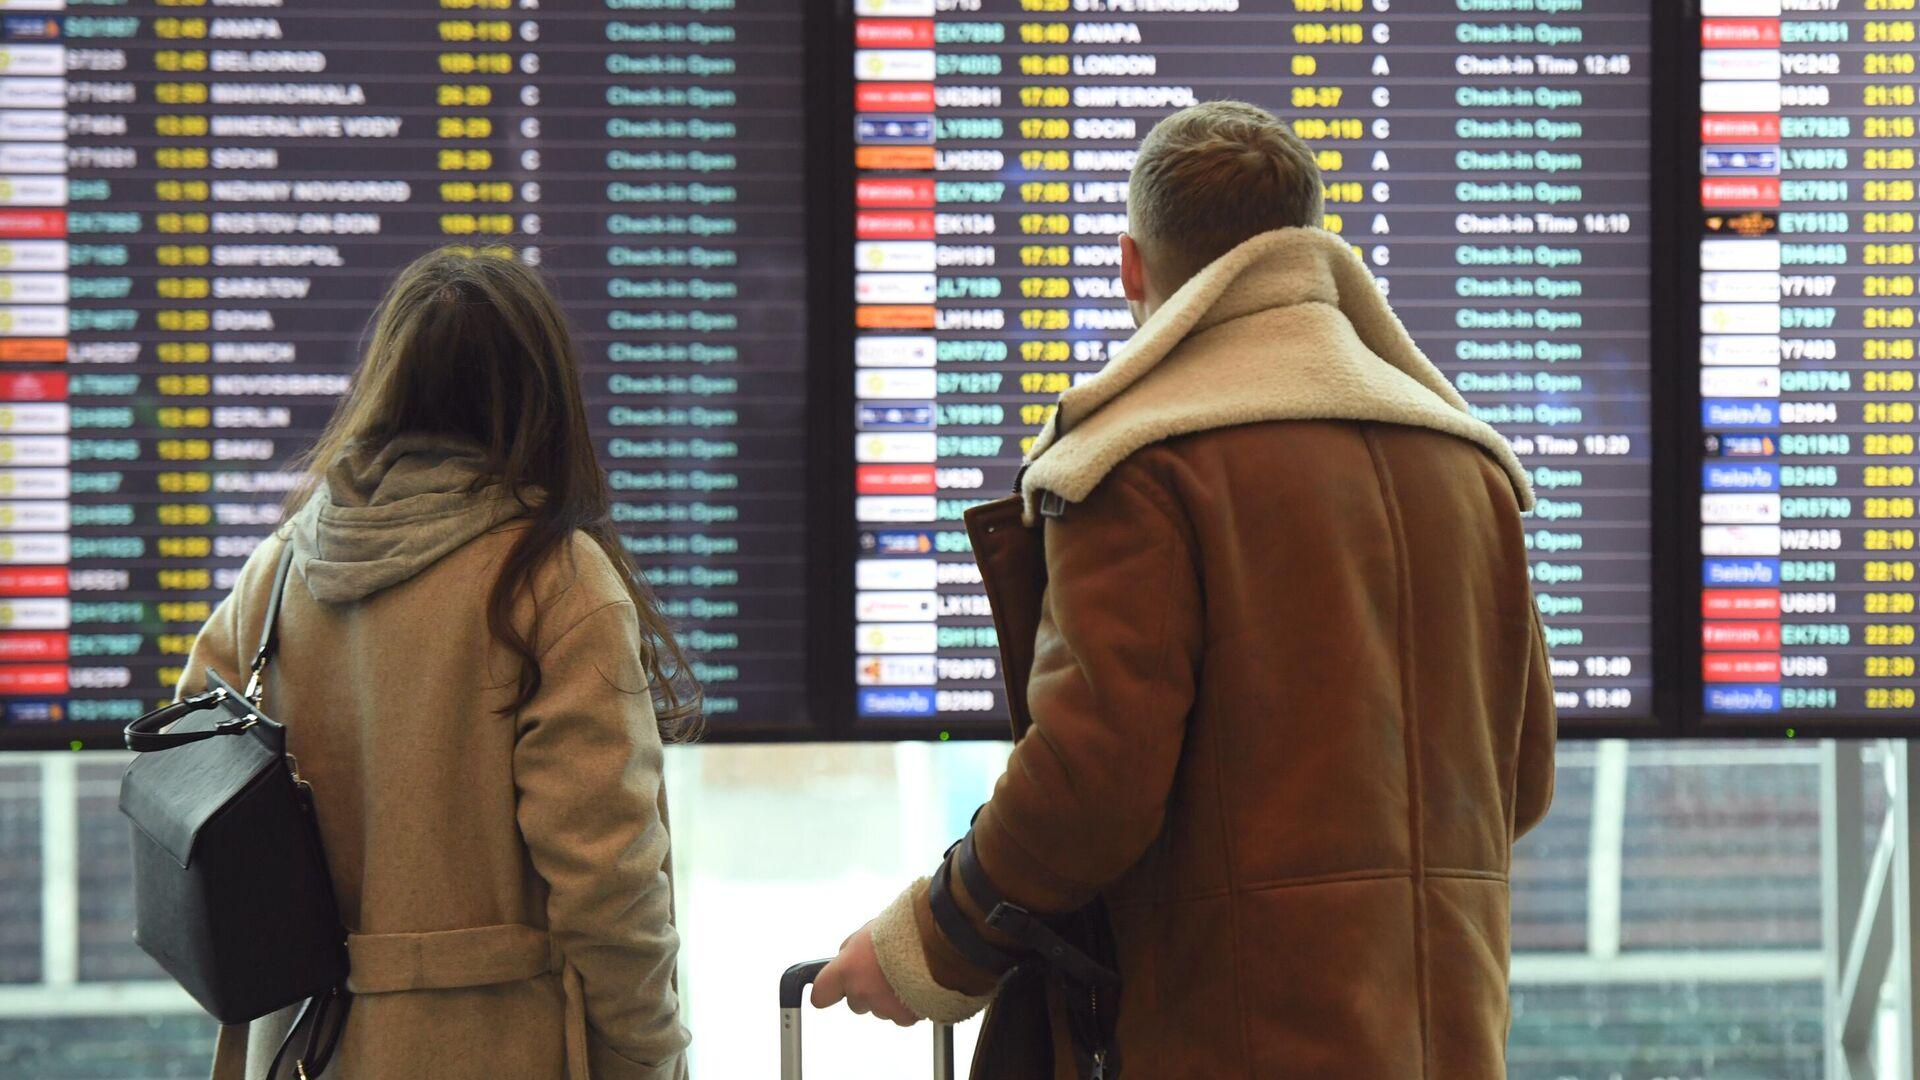 Пассажиры смотрят информационное табло в аэропорту  - РИА Новости, 1920, 21.01.2021